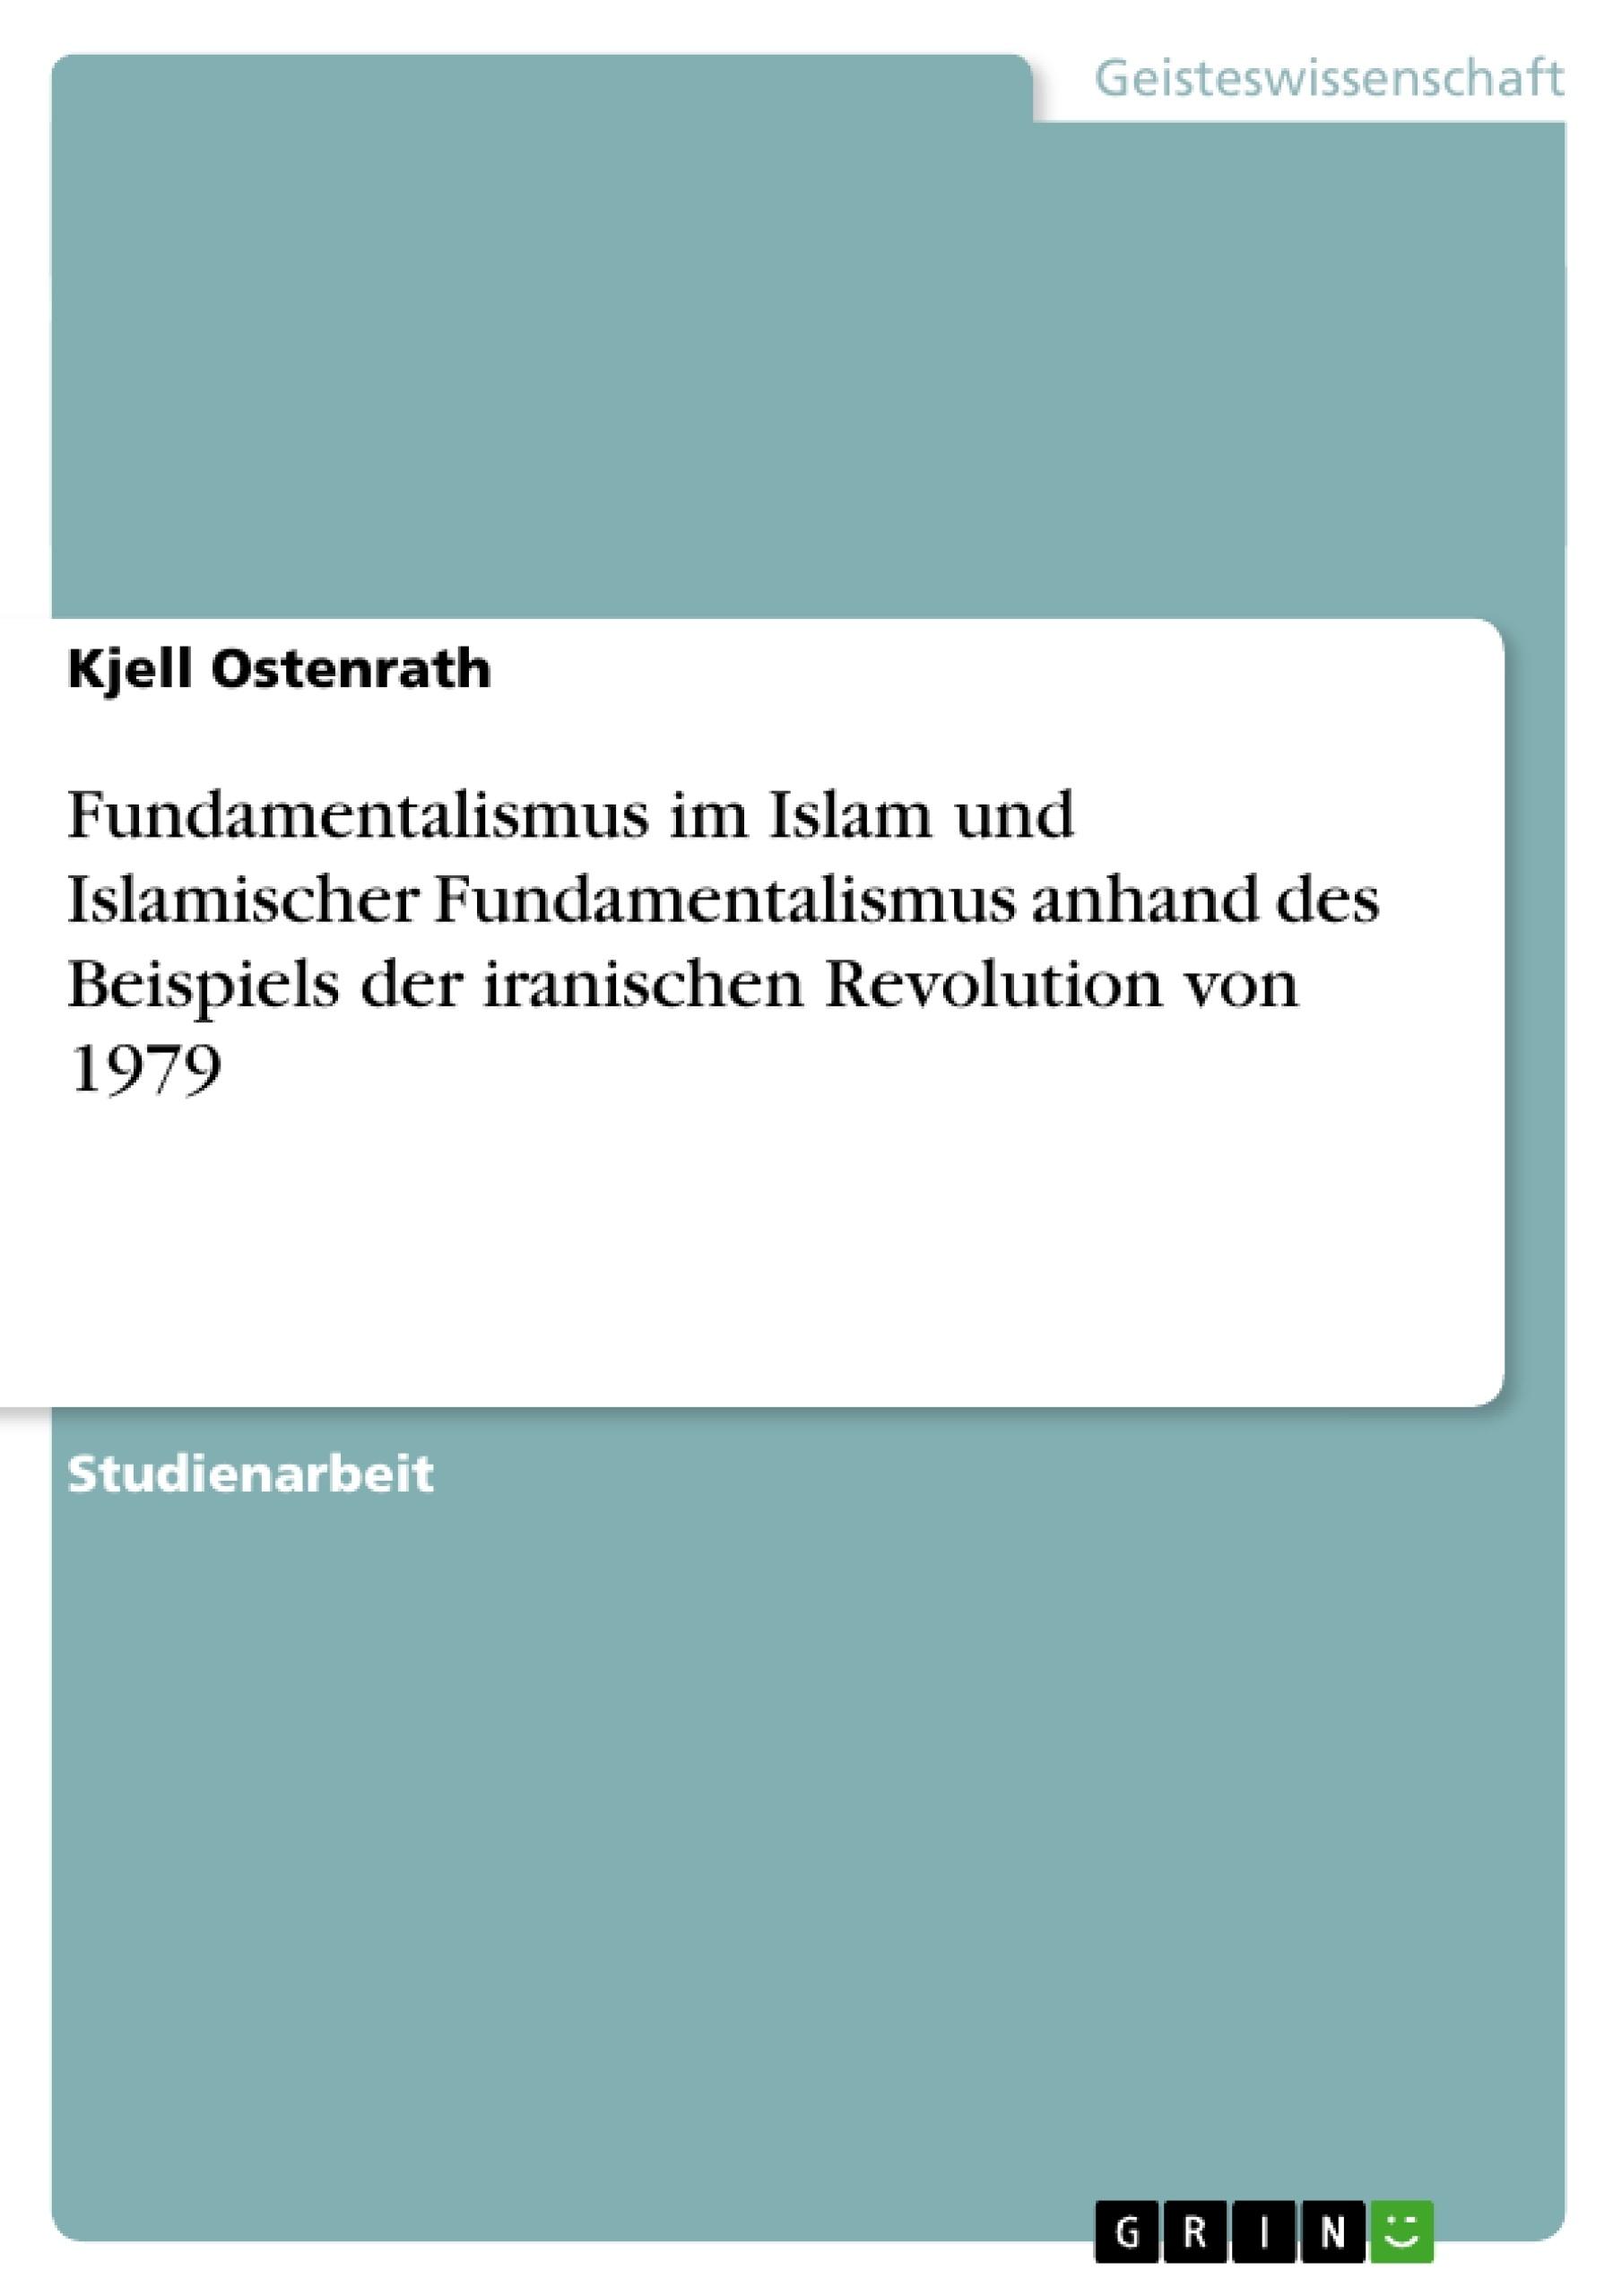 Titel: Fundamentalismus im Islam und Islamischer Fundamentalismus anhand des Beispiels der iranischen Revolution von 1979